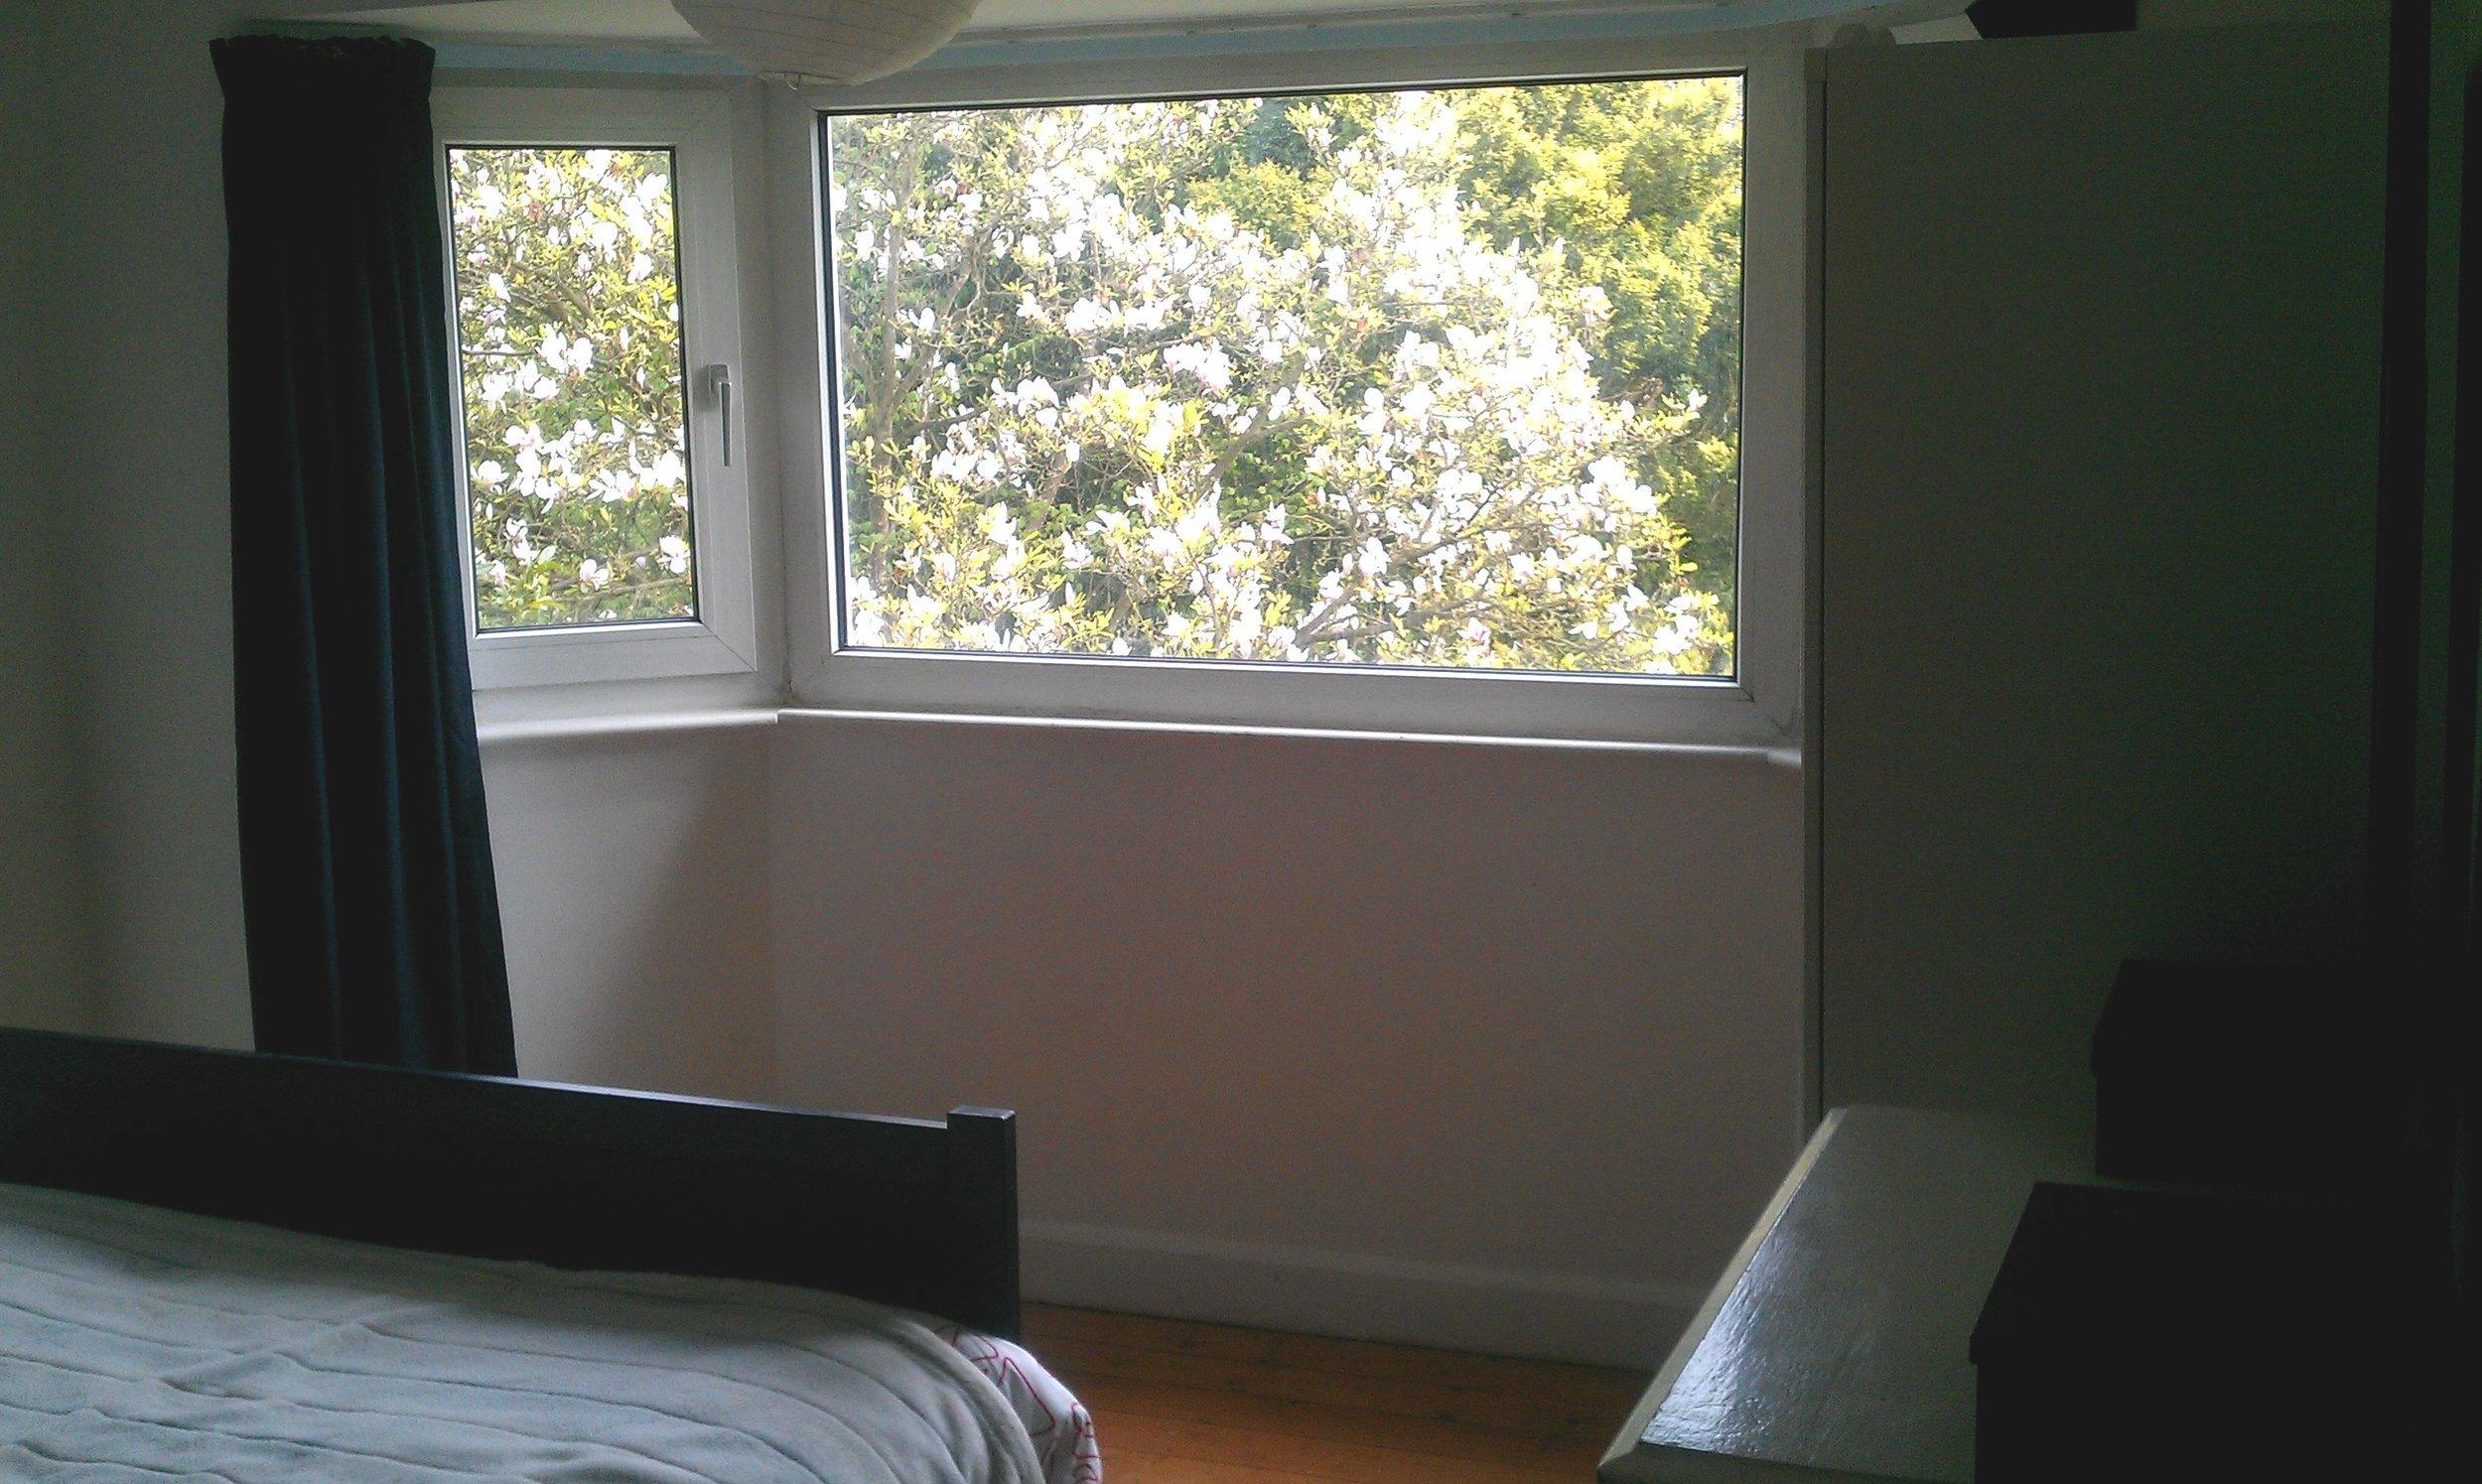 Innis bed window view.jpg